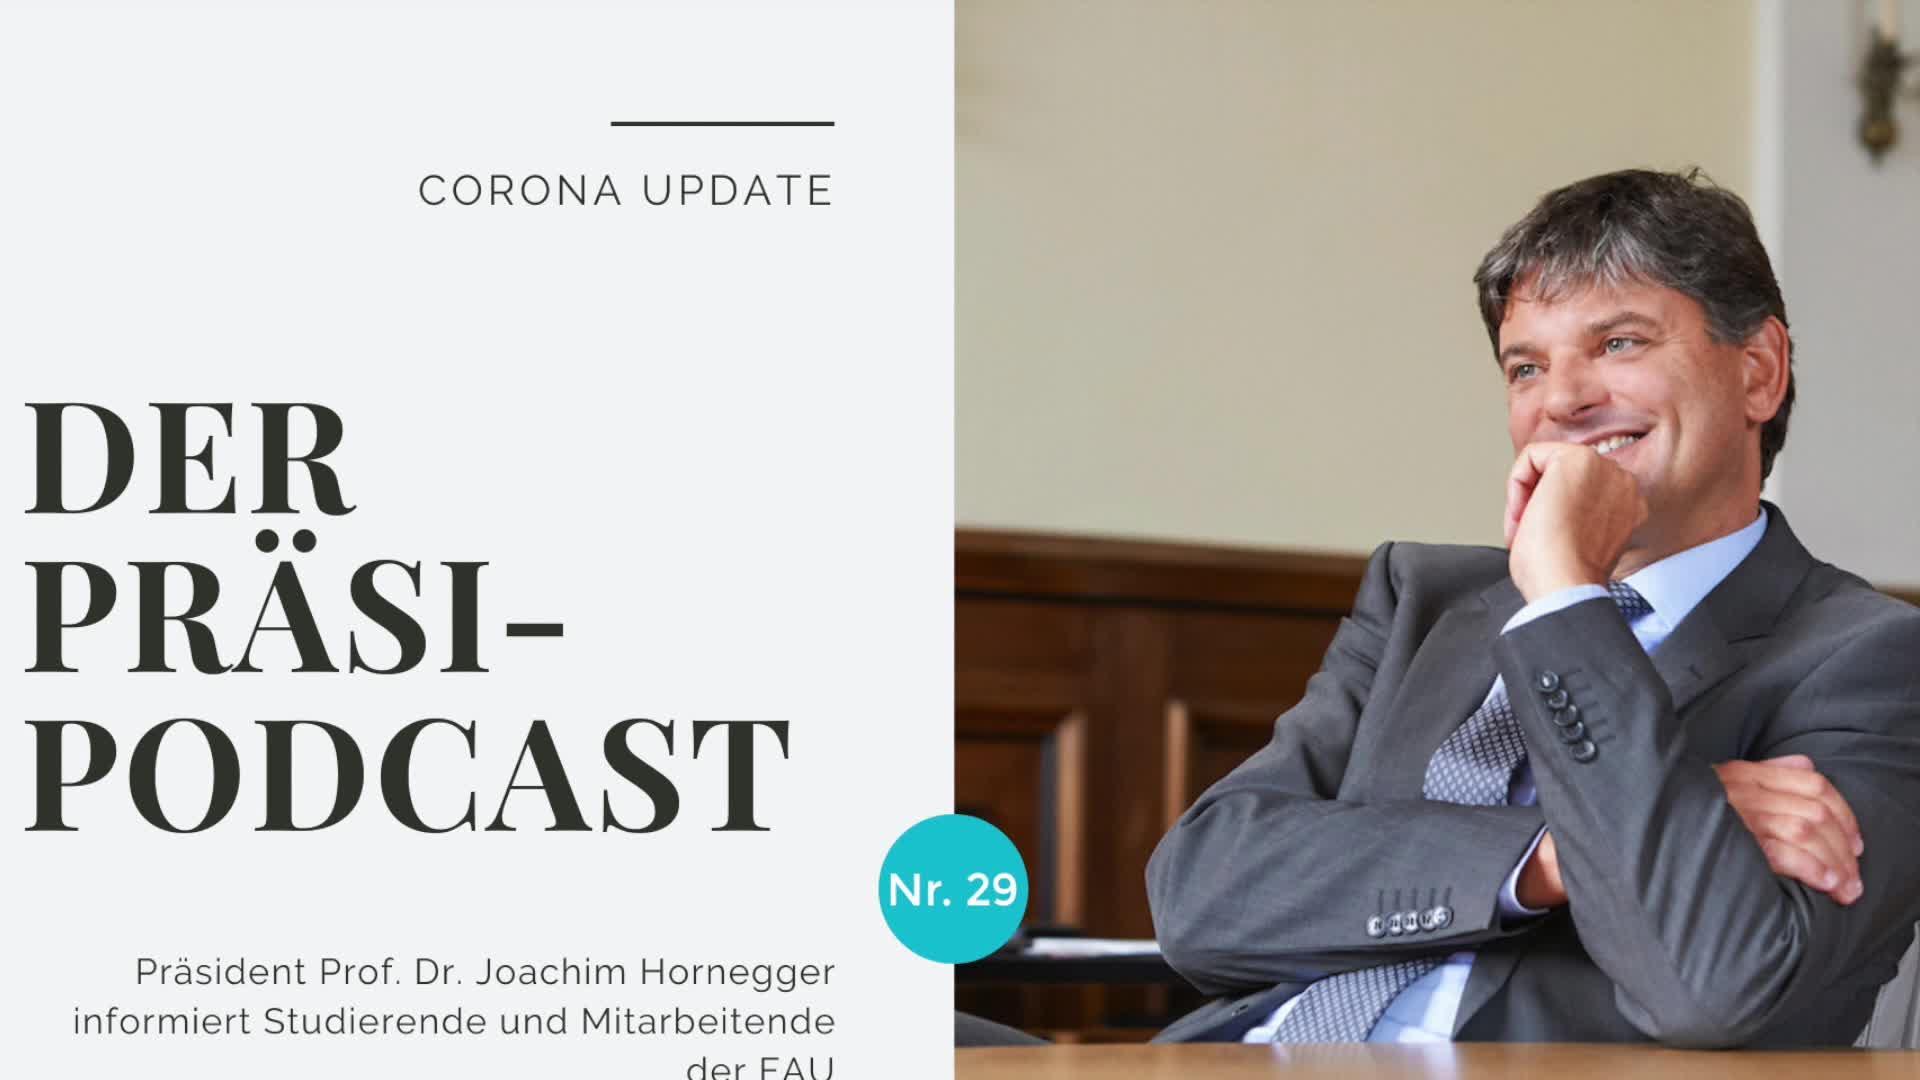 """""""Der Präsi-Podcast"""" vom 19. Oktober 2020 preview image"""